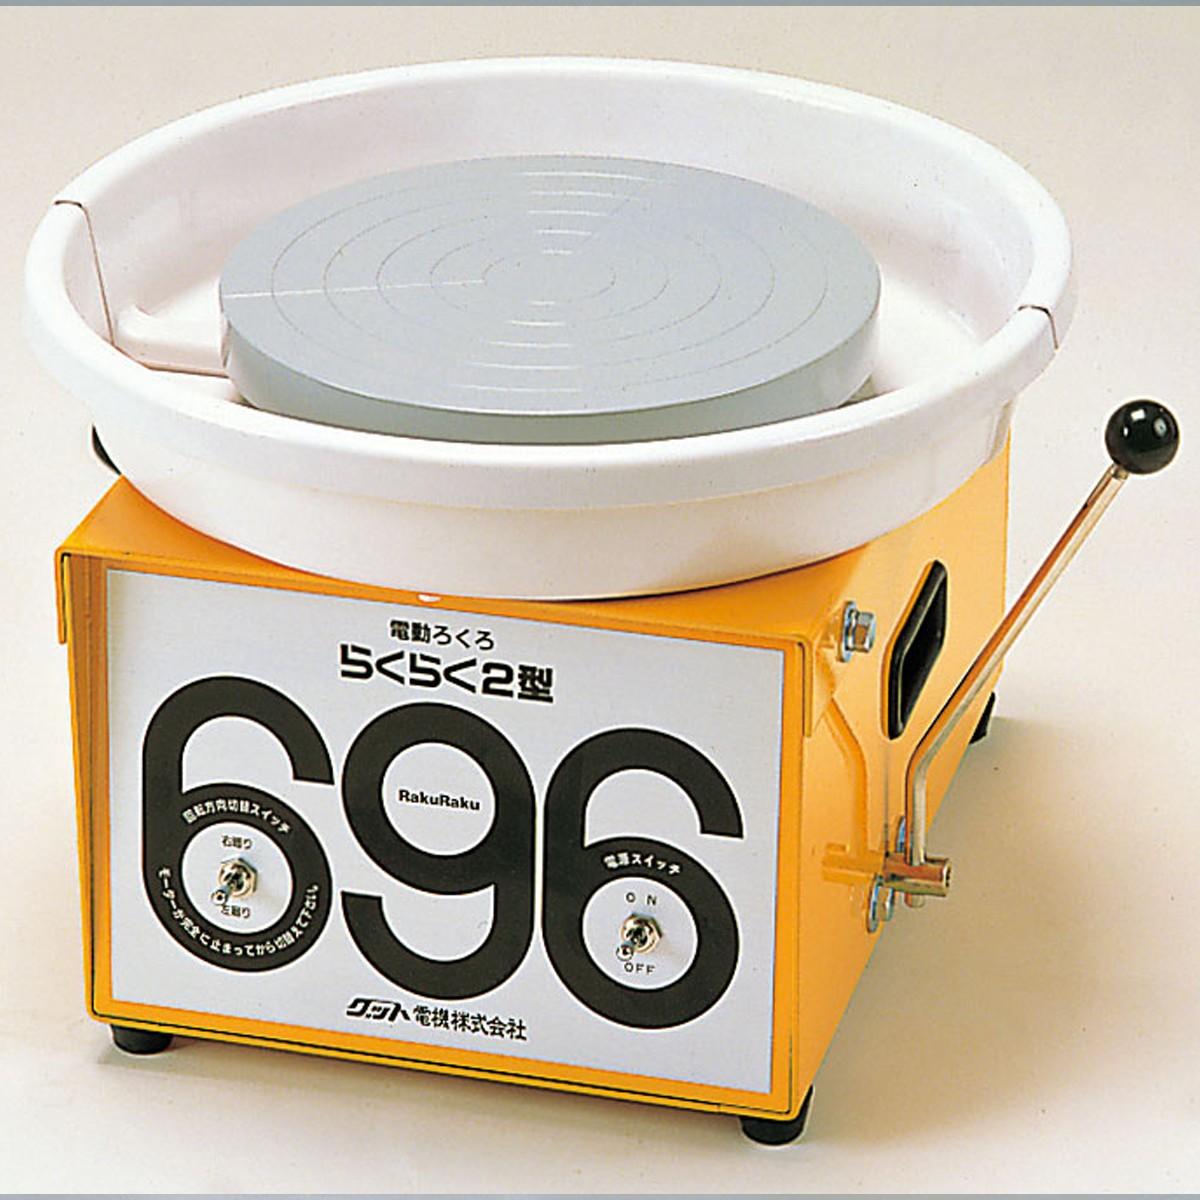 電動ろくろ らくらく2型 卓上型無段変速 どべ受付き 【 陶芸 ろくろ 粘土 】